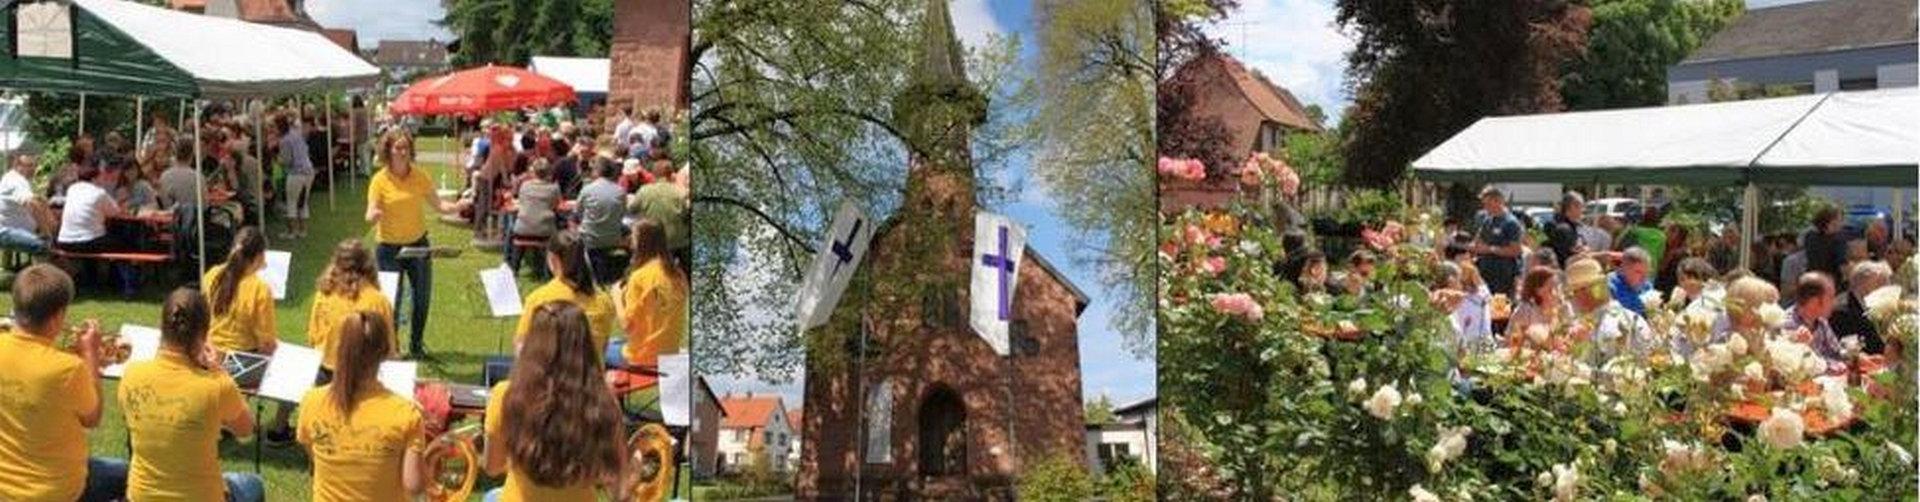 Veranstaltungen / Quelle: Evangelische Kirchengemeinde Riegel-Endingen